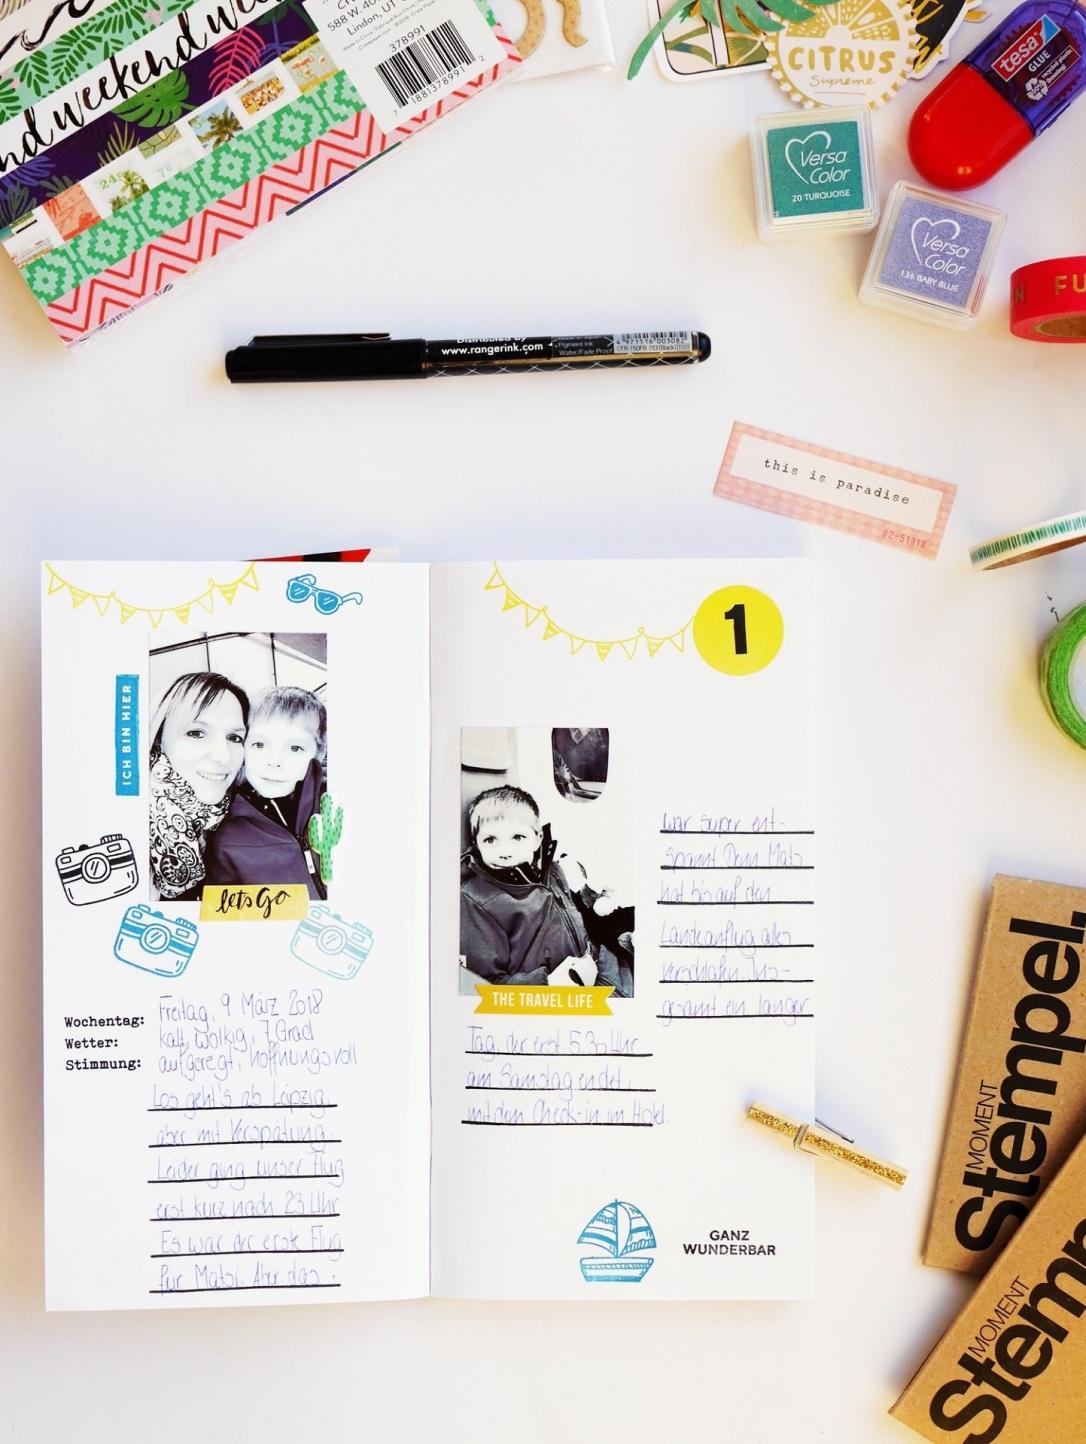 Papierprojekt_Sonja_Reisetagebuch_8